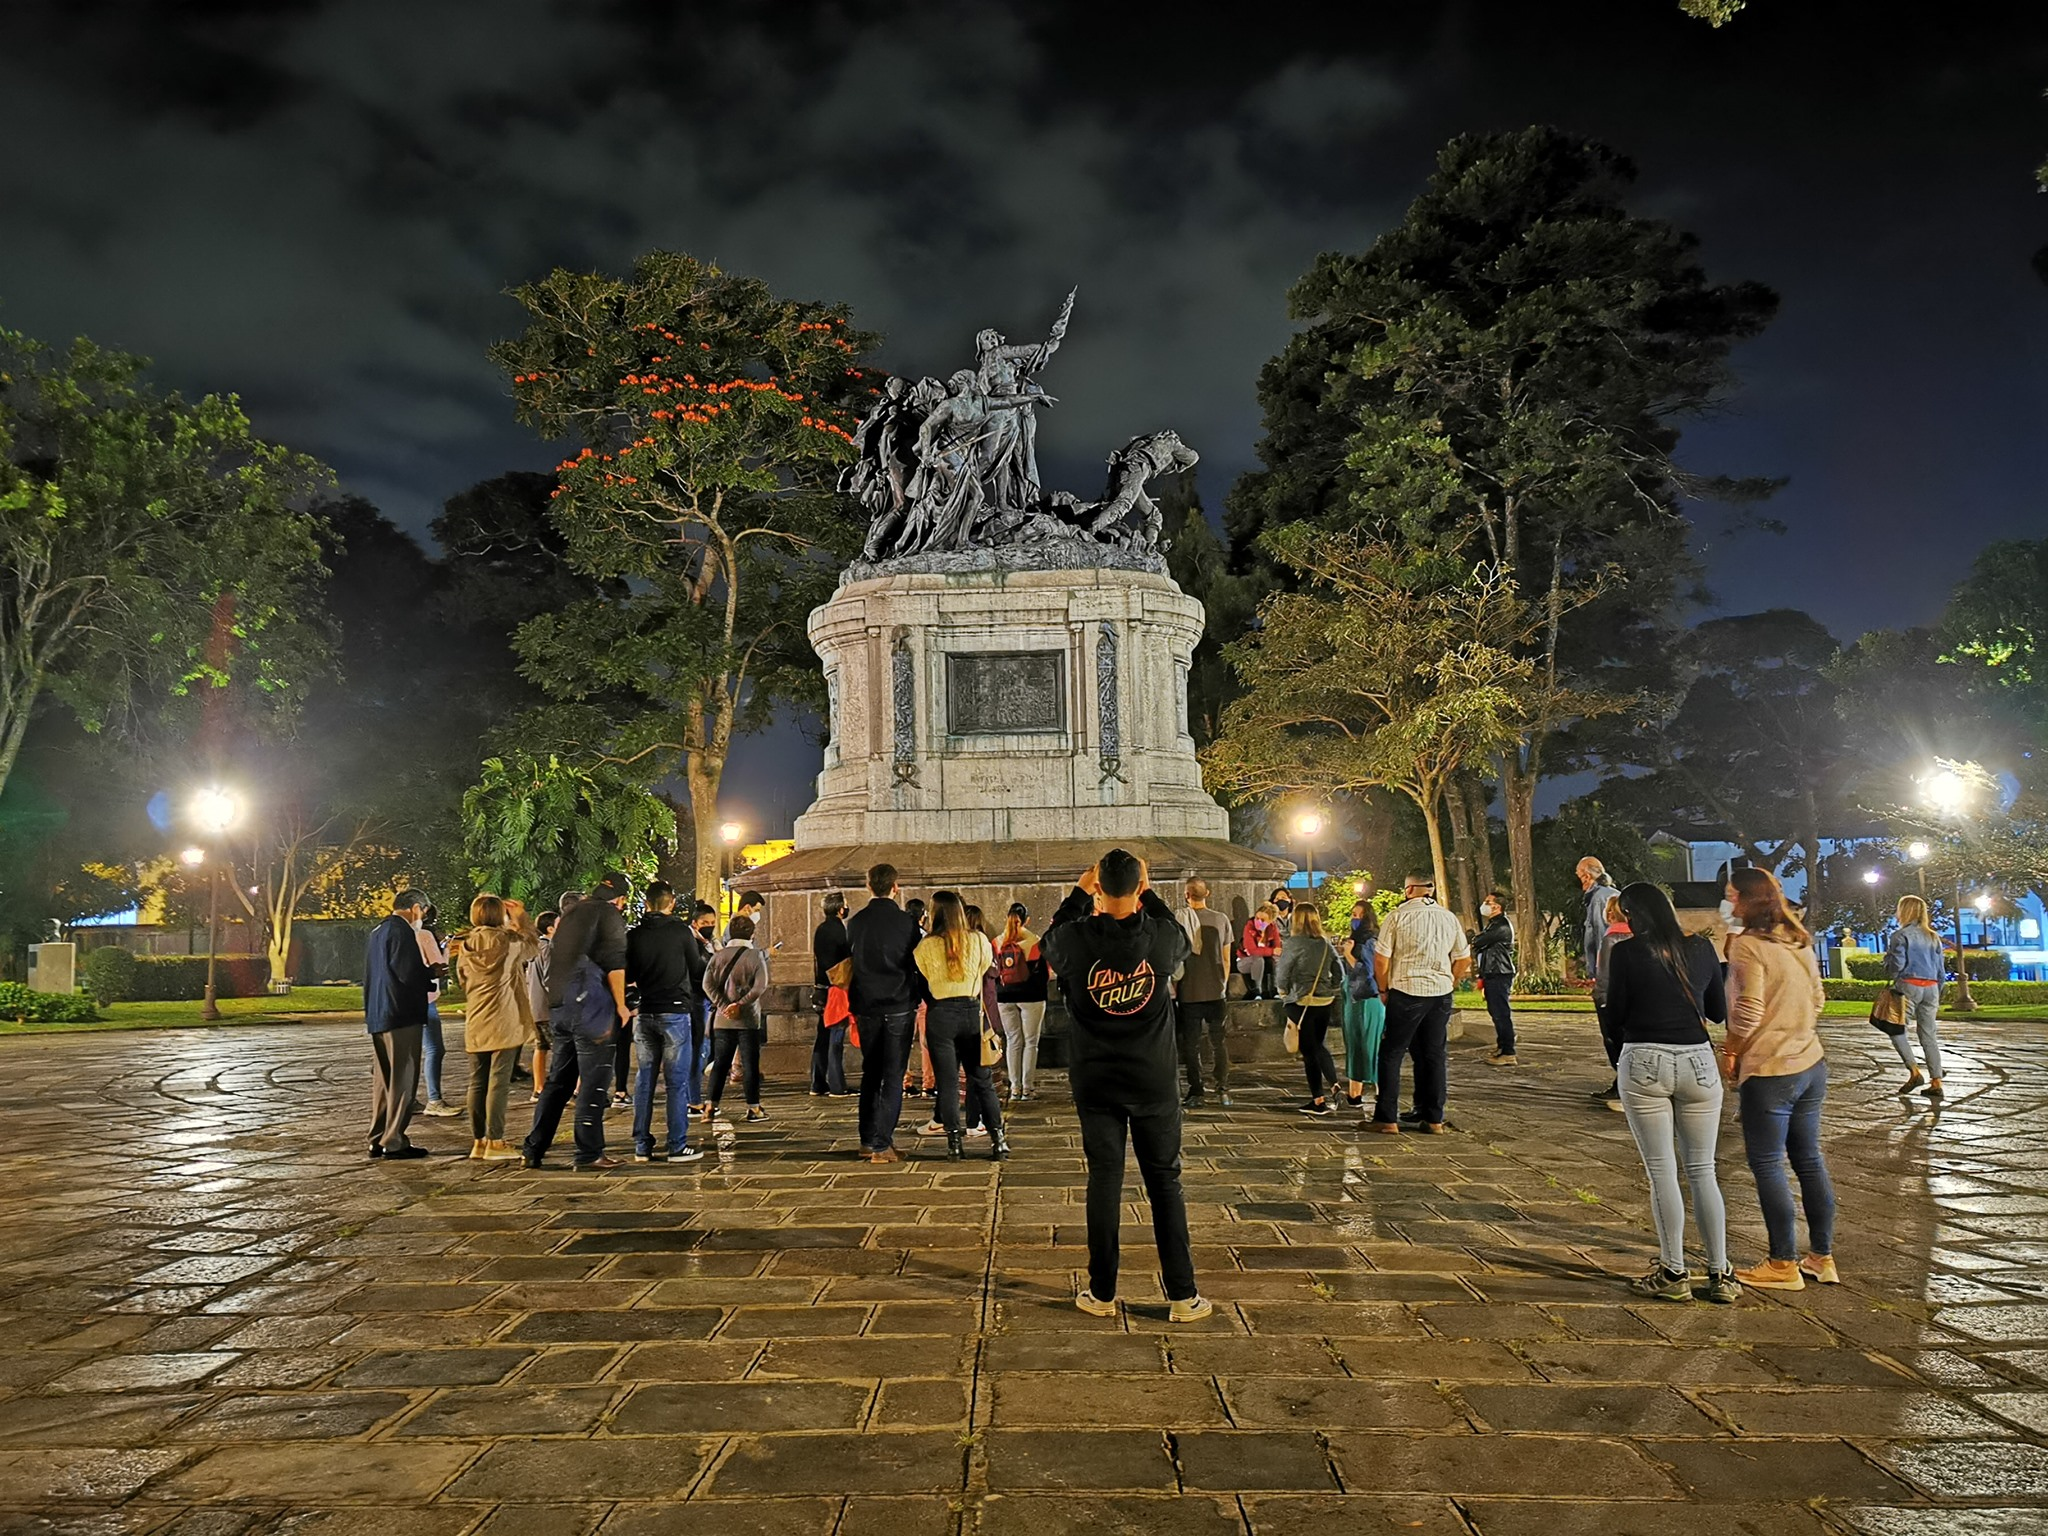 Francia en Costa Rica: Descubriendo una amistad de más de un siglo (Caminata Nocturna)